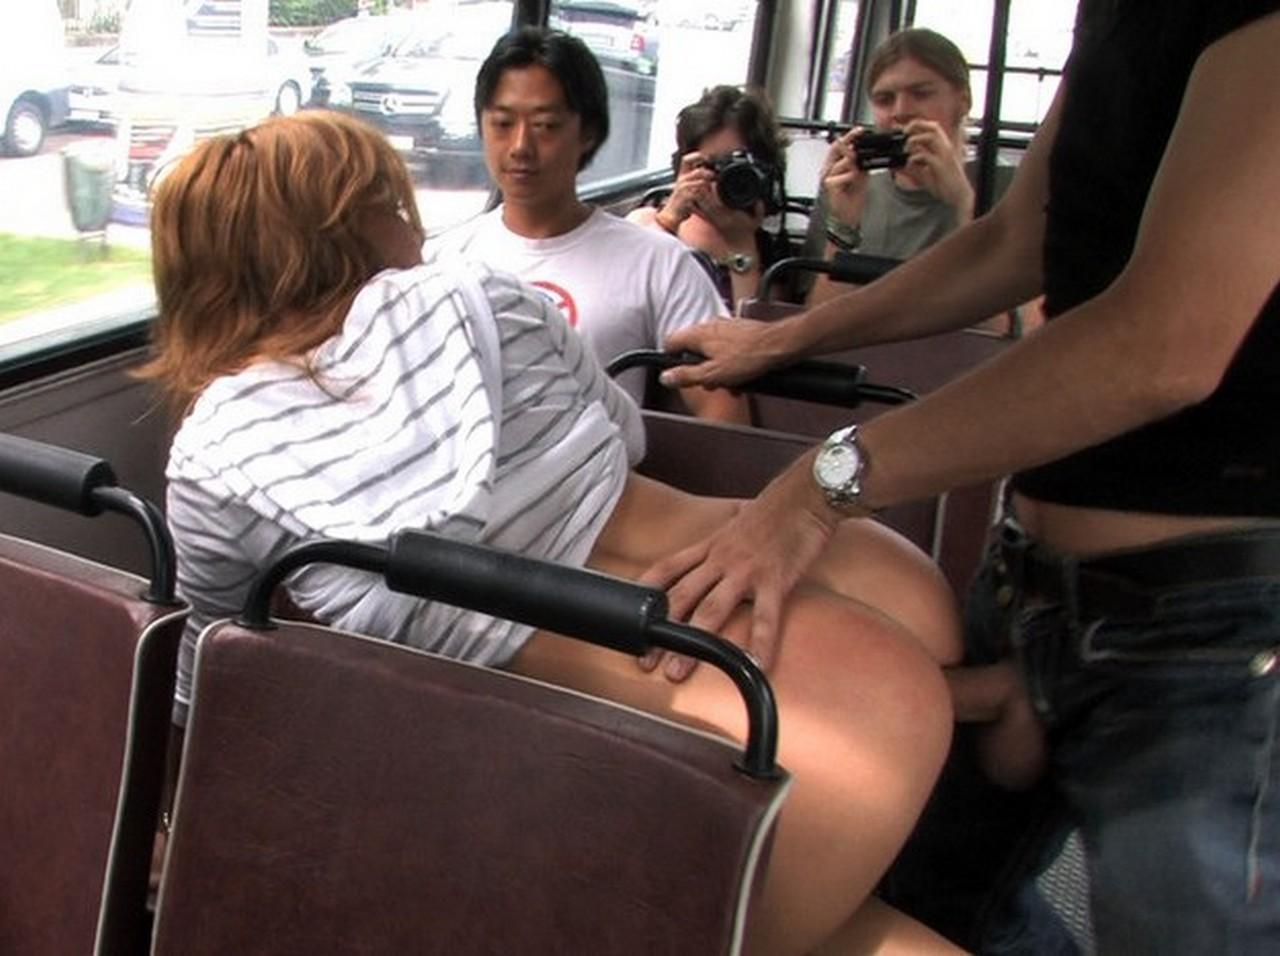 есть еще лапают девушек в автобусе видео тест-анкеты видео погрузиться